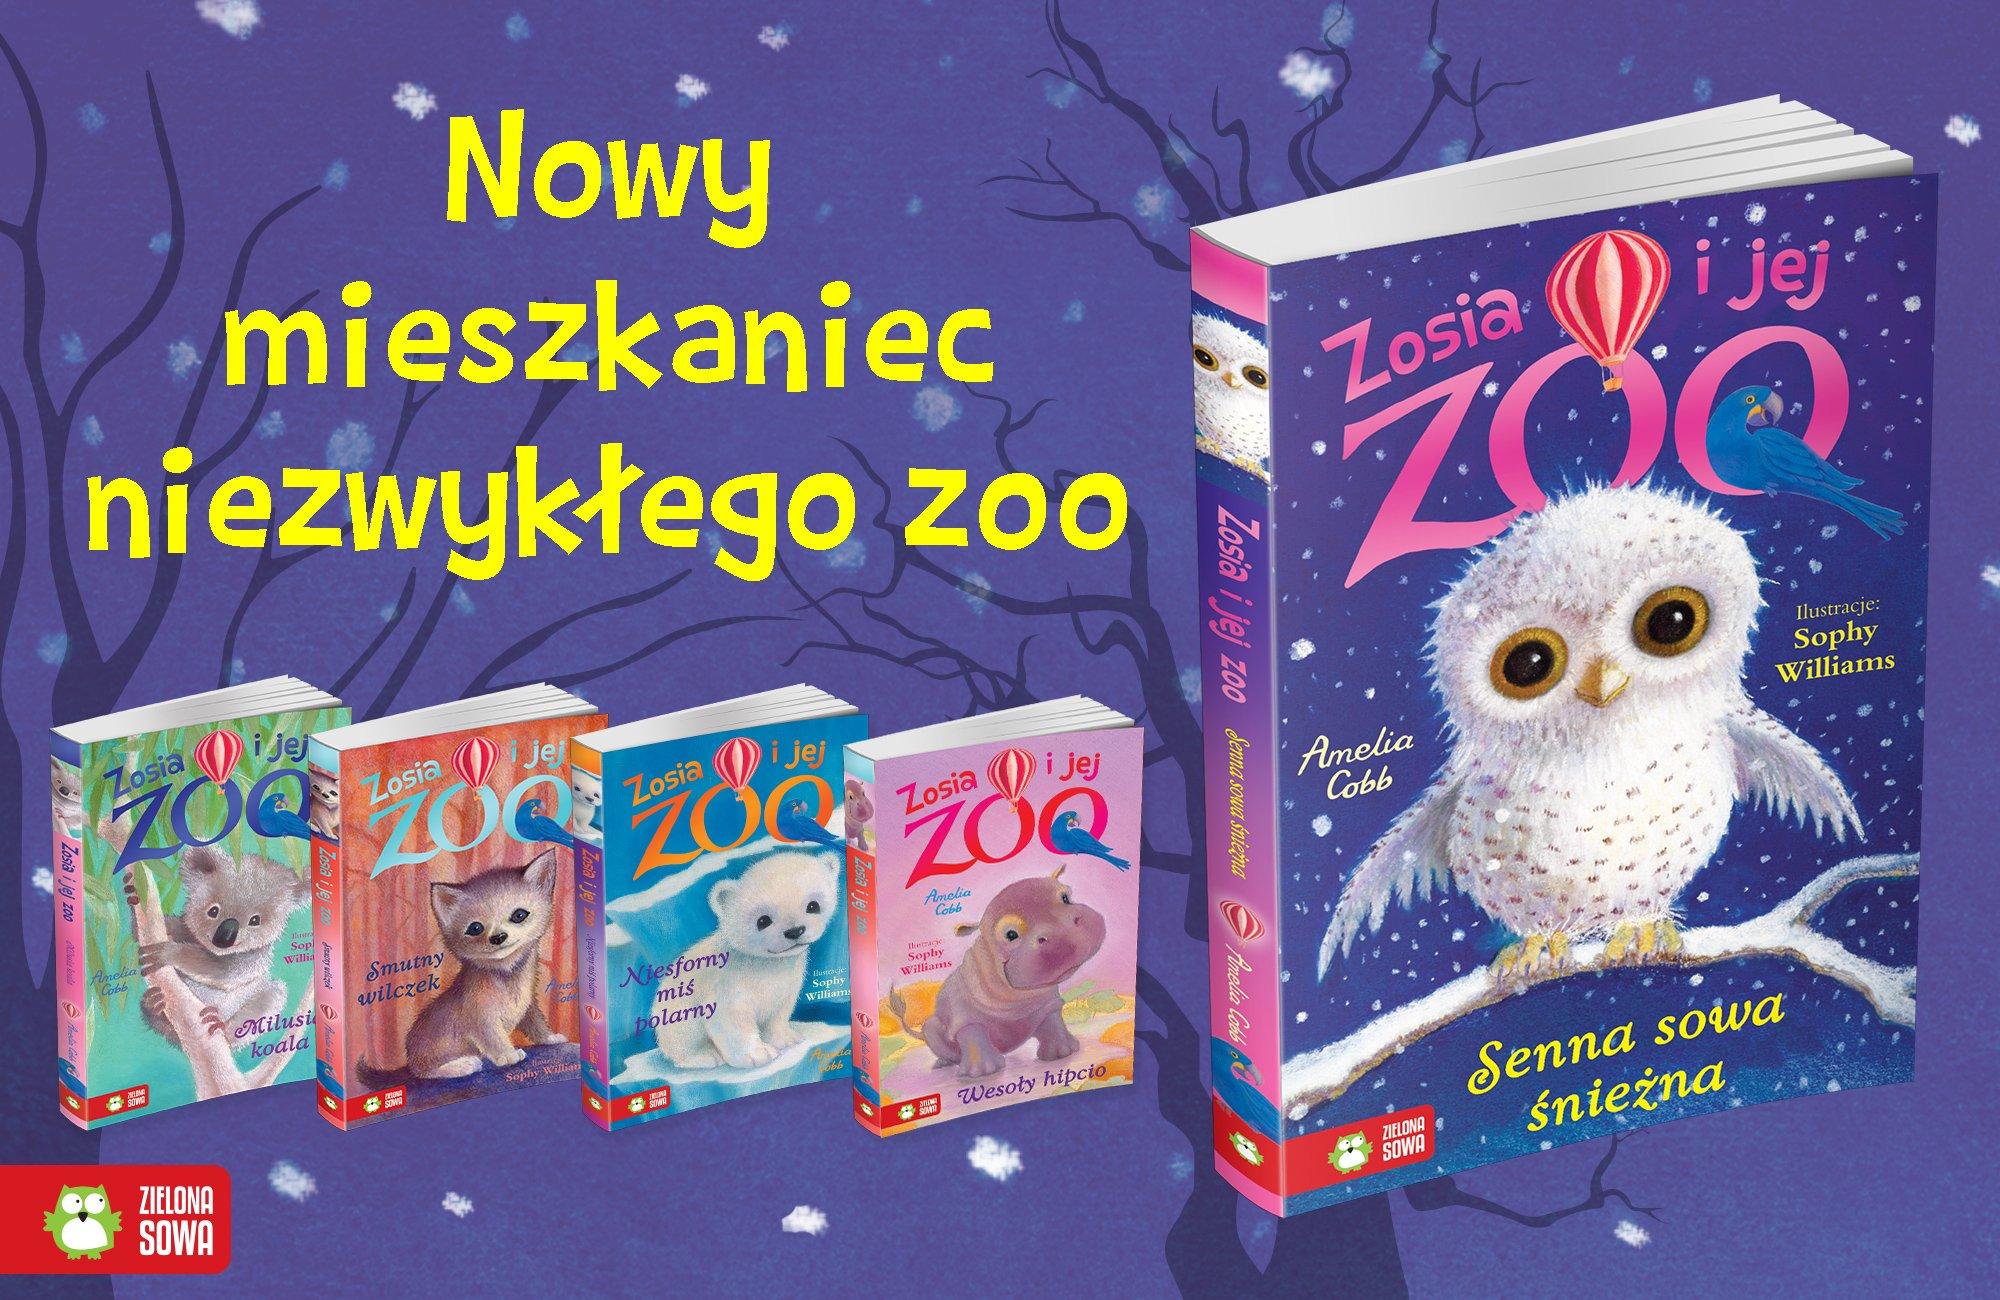 Senna sowa śniezna, Zosia i jej Zoo książka dla dzieci